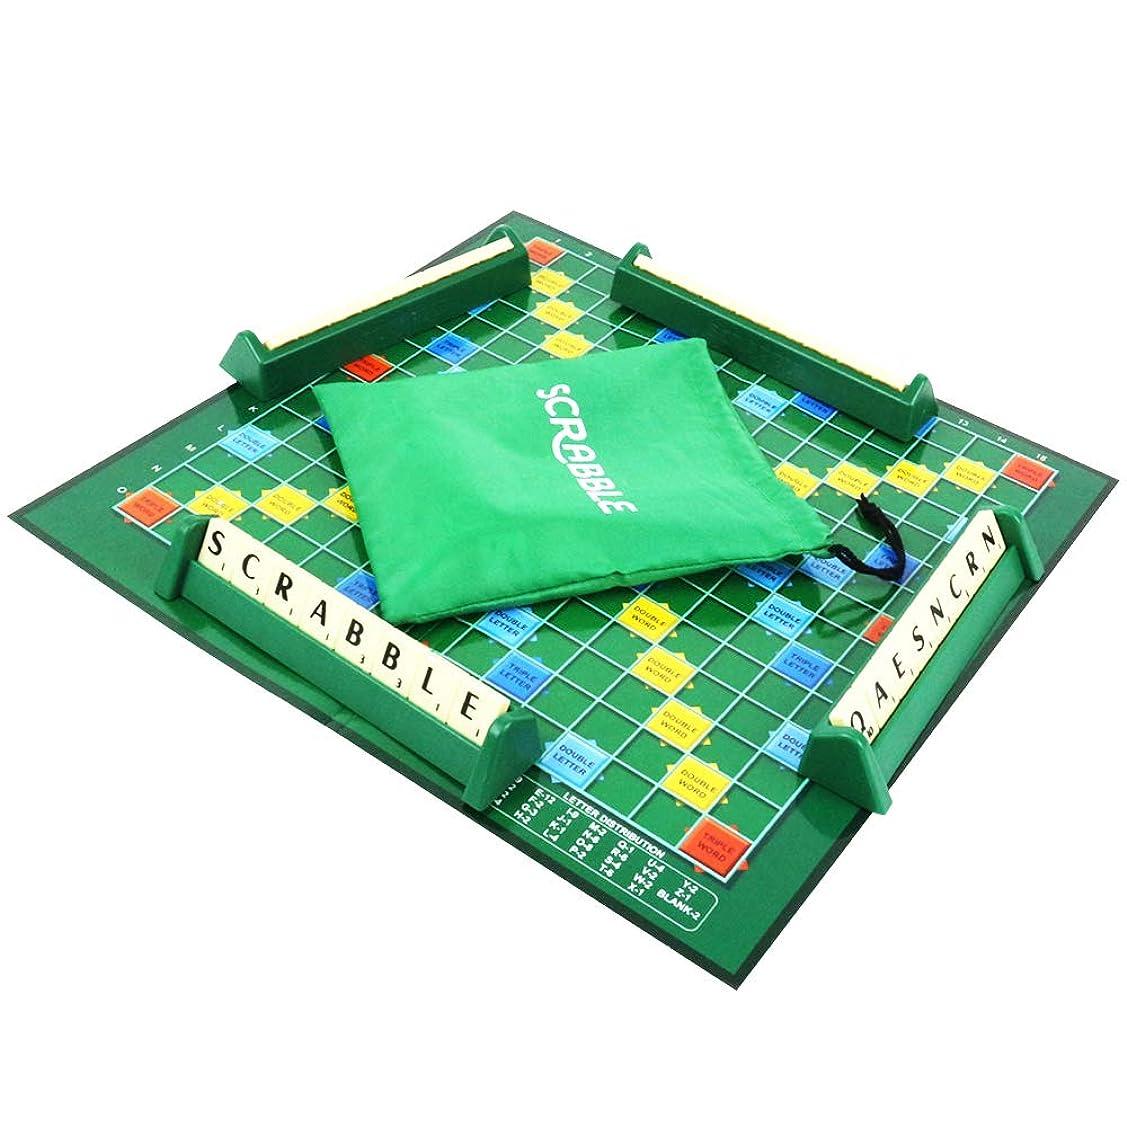 敬意バンジージャンプキルスRhapsody(ラプソディ) スクラブル 英語 単語 ボードゲーム 学習 遊び 知育玩具